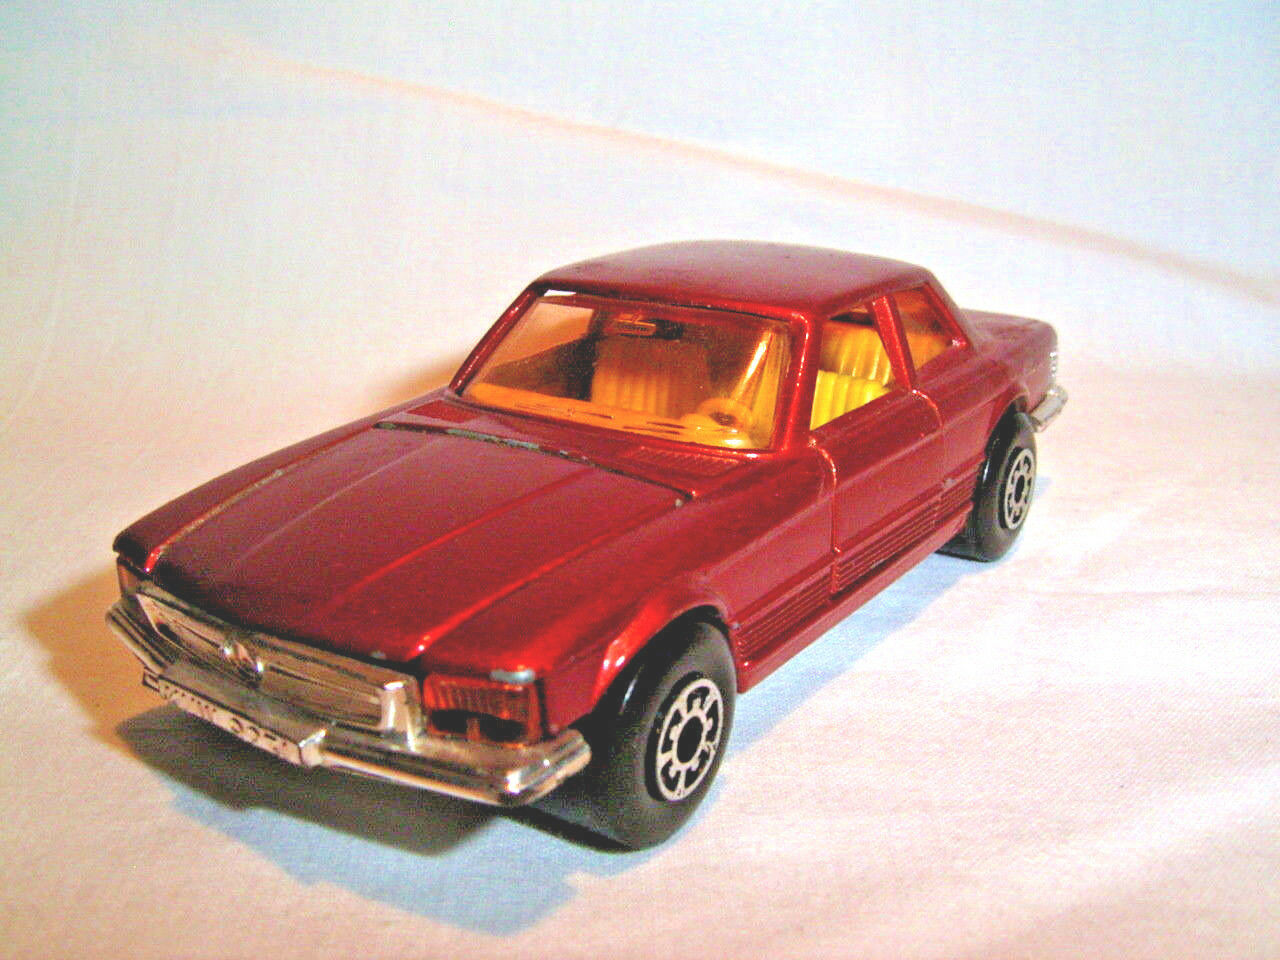 Matchbox / Lesney Speed Kings K 61 K 48 Mercedes 350 SLC